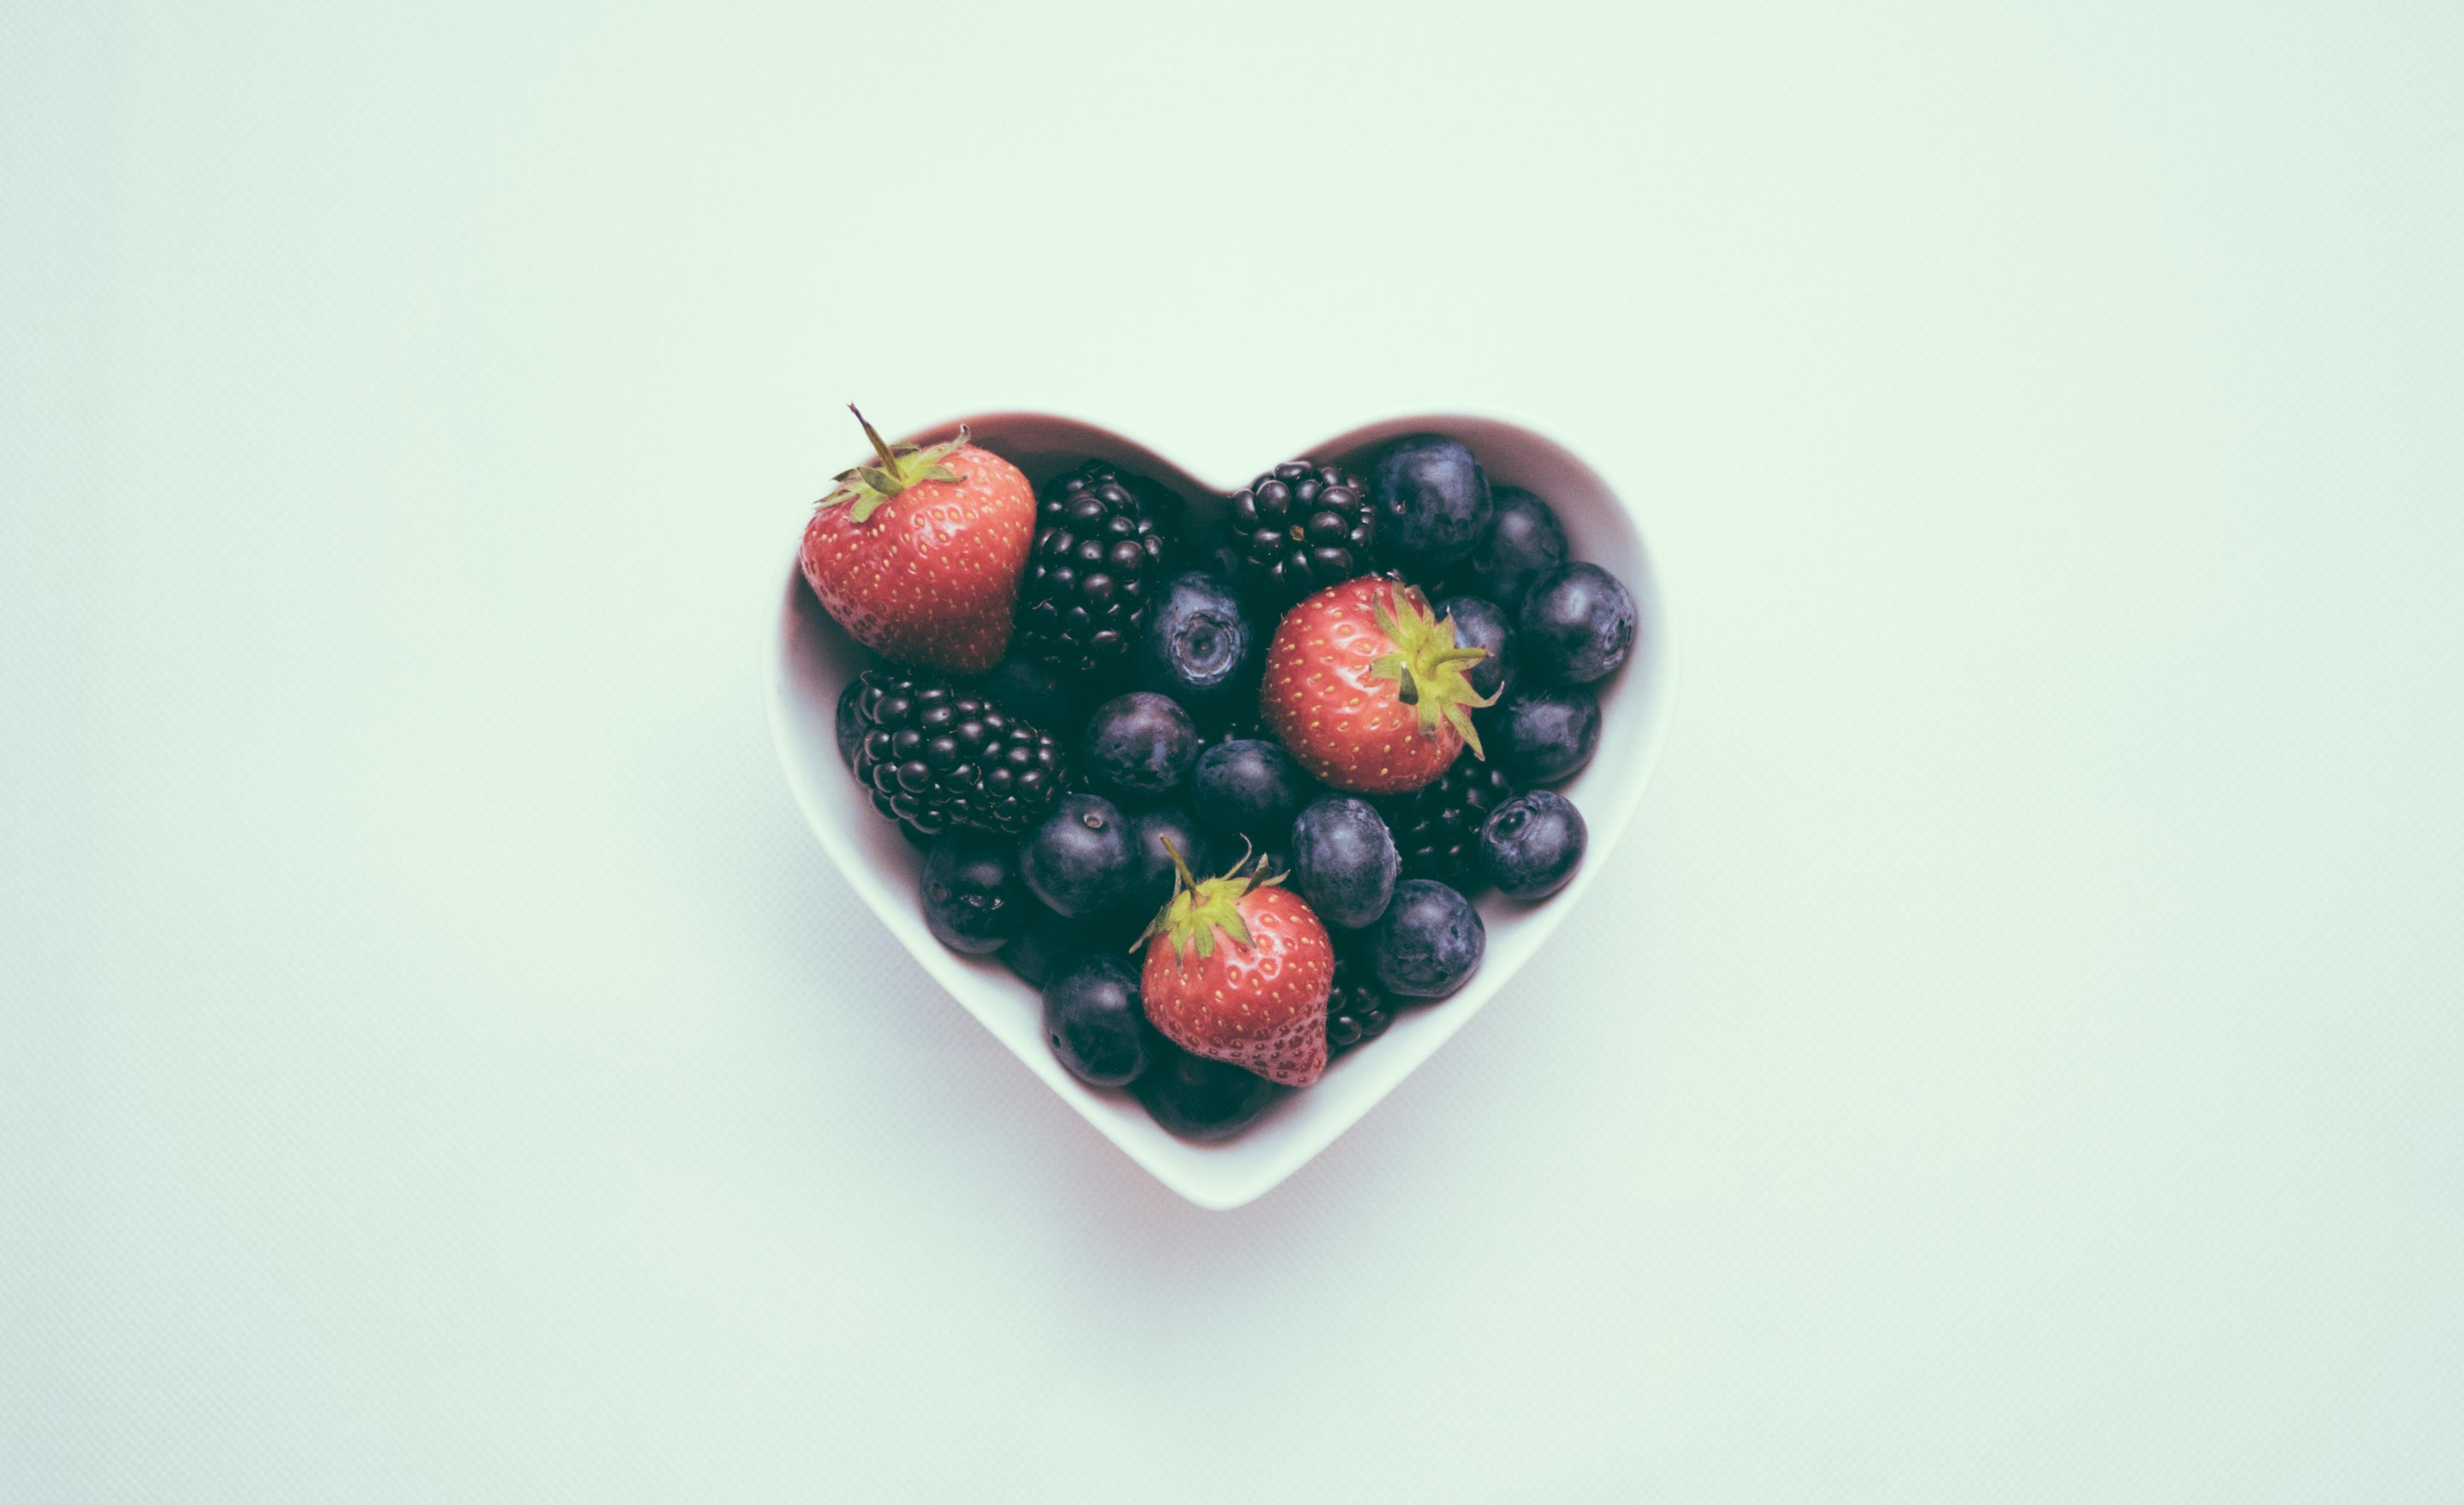 Ce fructe să-i dai copilului ca să fie mai atent? Reţete pentru mic dejun şi gustare